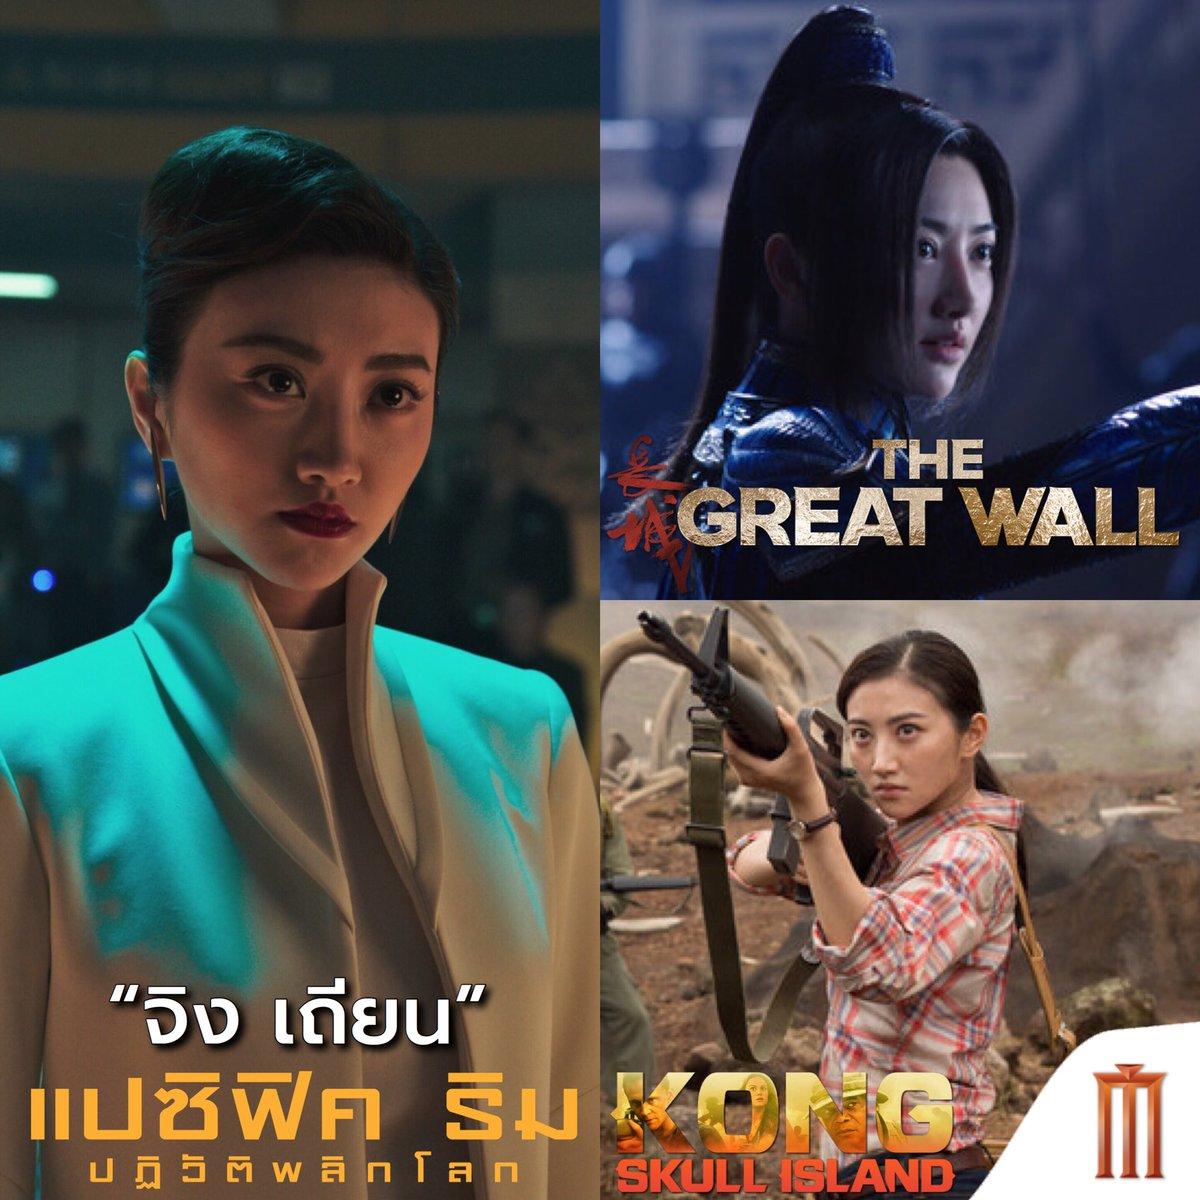 """""""จิง เถียน"""" สาวนักแสดงจากแดนมังกรที่หลายคนเคยผ่านตามาแล้ยใน The Great Wall และ  Kong Skull Island กับผลงานล่าสุดใน #PacificRimUprising """"ปฏิวัติพลิกโลก""""  วันนี้ในโรงภาพยนตร์ทั้งระบบ IMAX3D และ 4DX"""